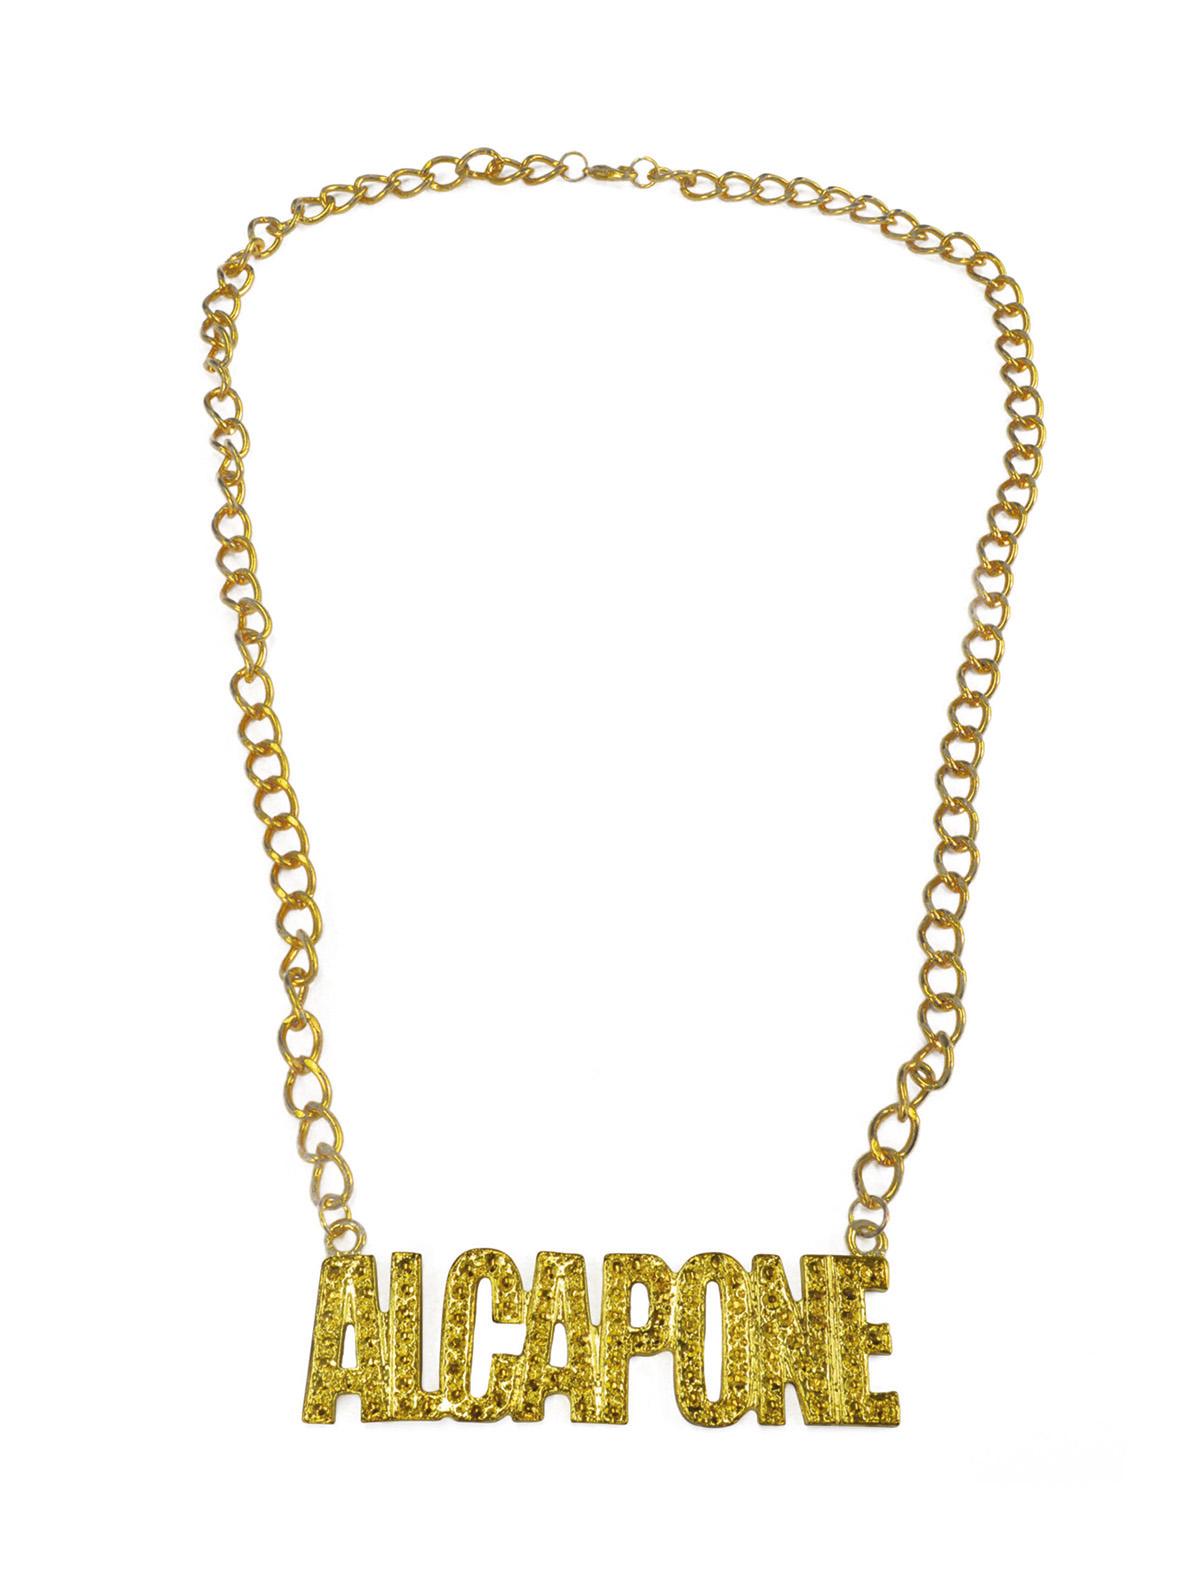 Goldkette Alcapone